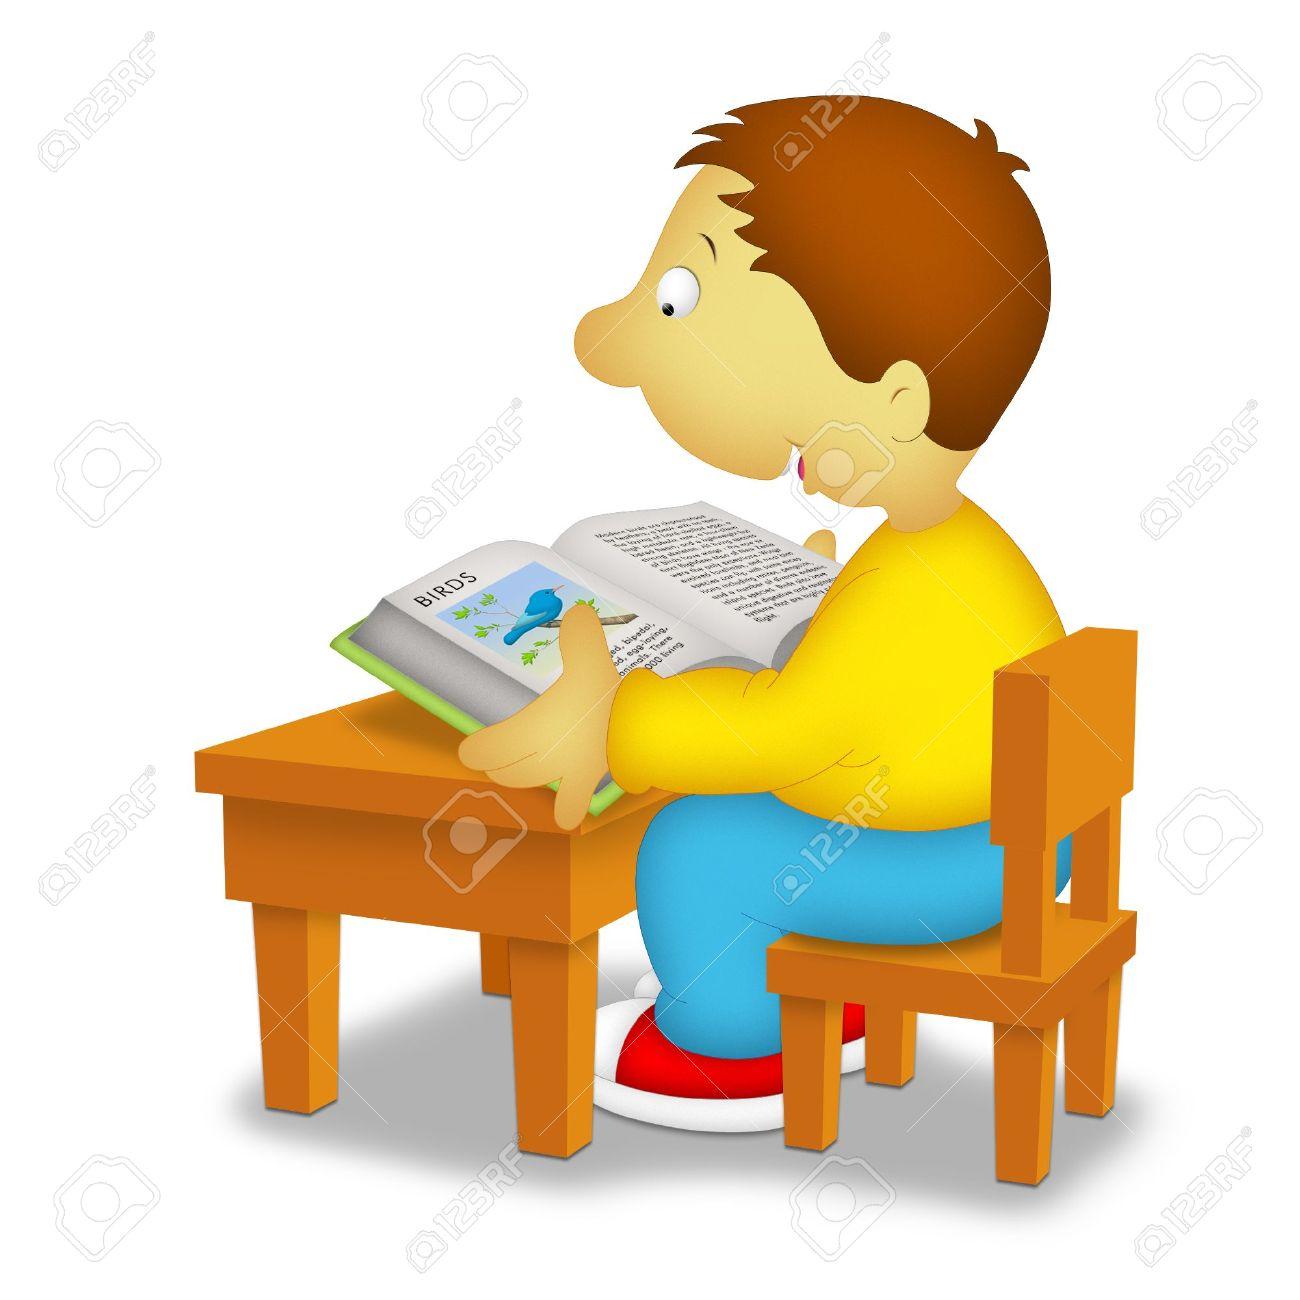 imagenes niño delante de una silla 8mpqx8Cm